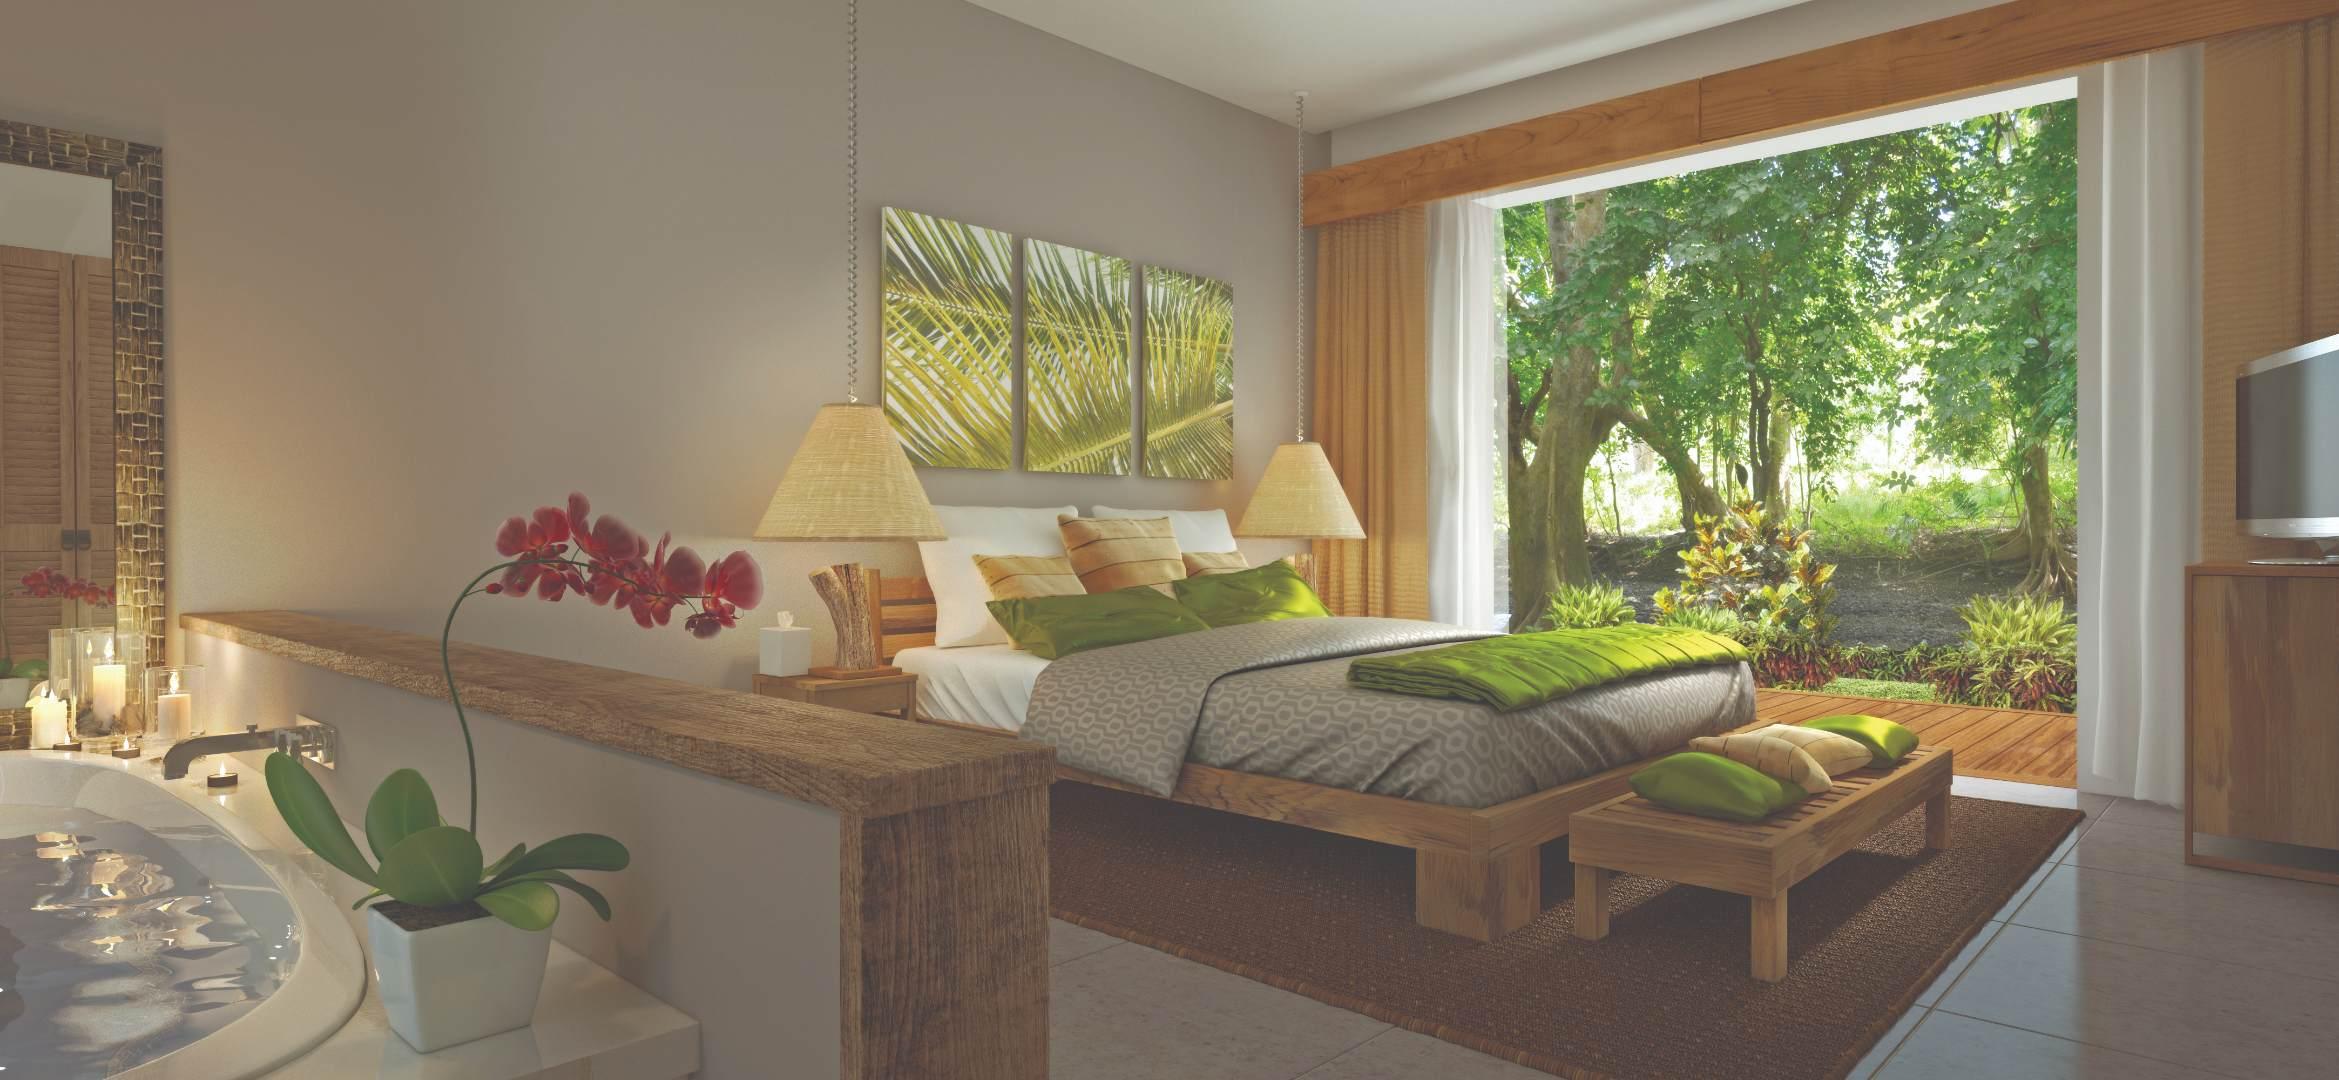 2 Bedroom Townhouse For Sale in Flic En Flac